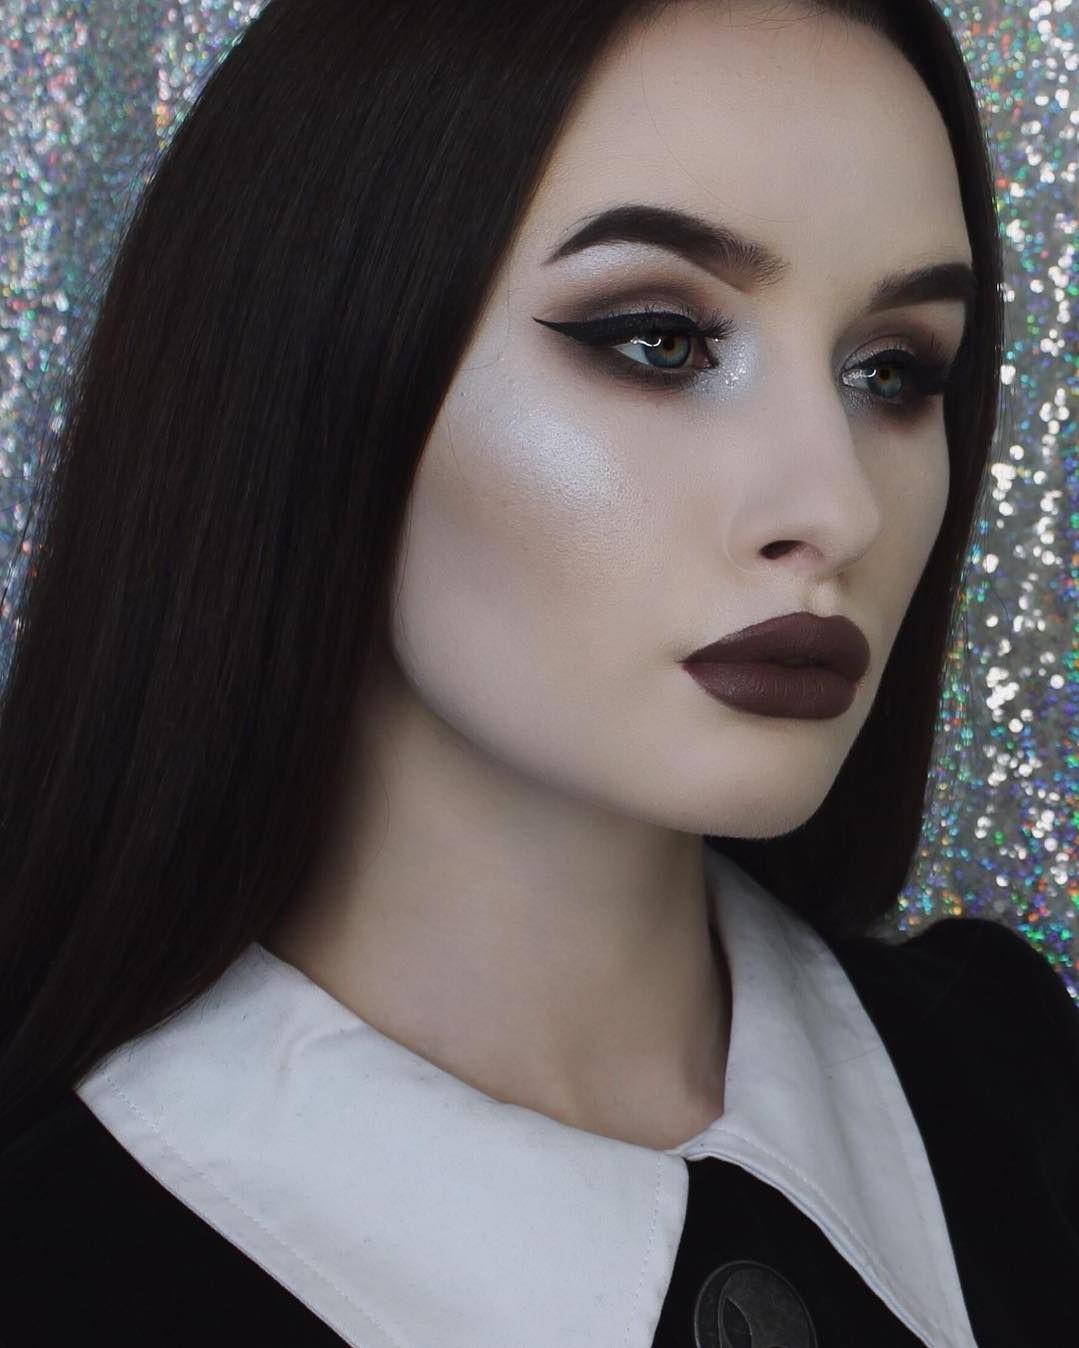 Visage blanc, lèvres noires et yeux charbonneux - un maquillage de sorcière d'Halloween classique!